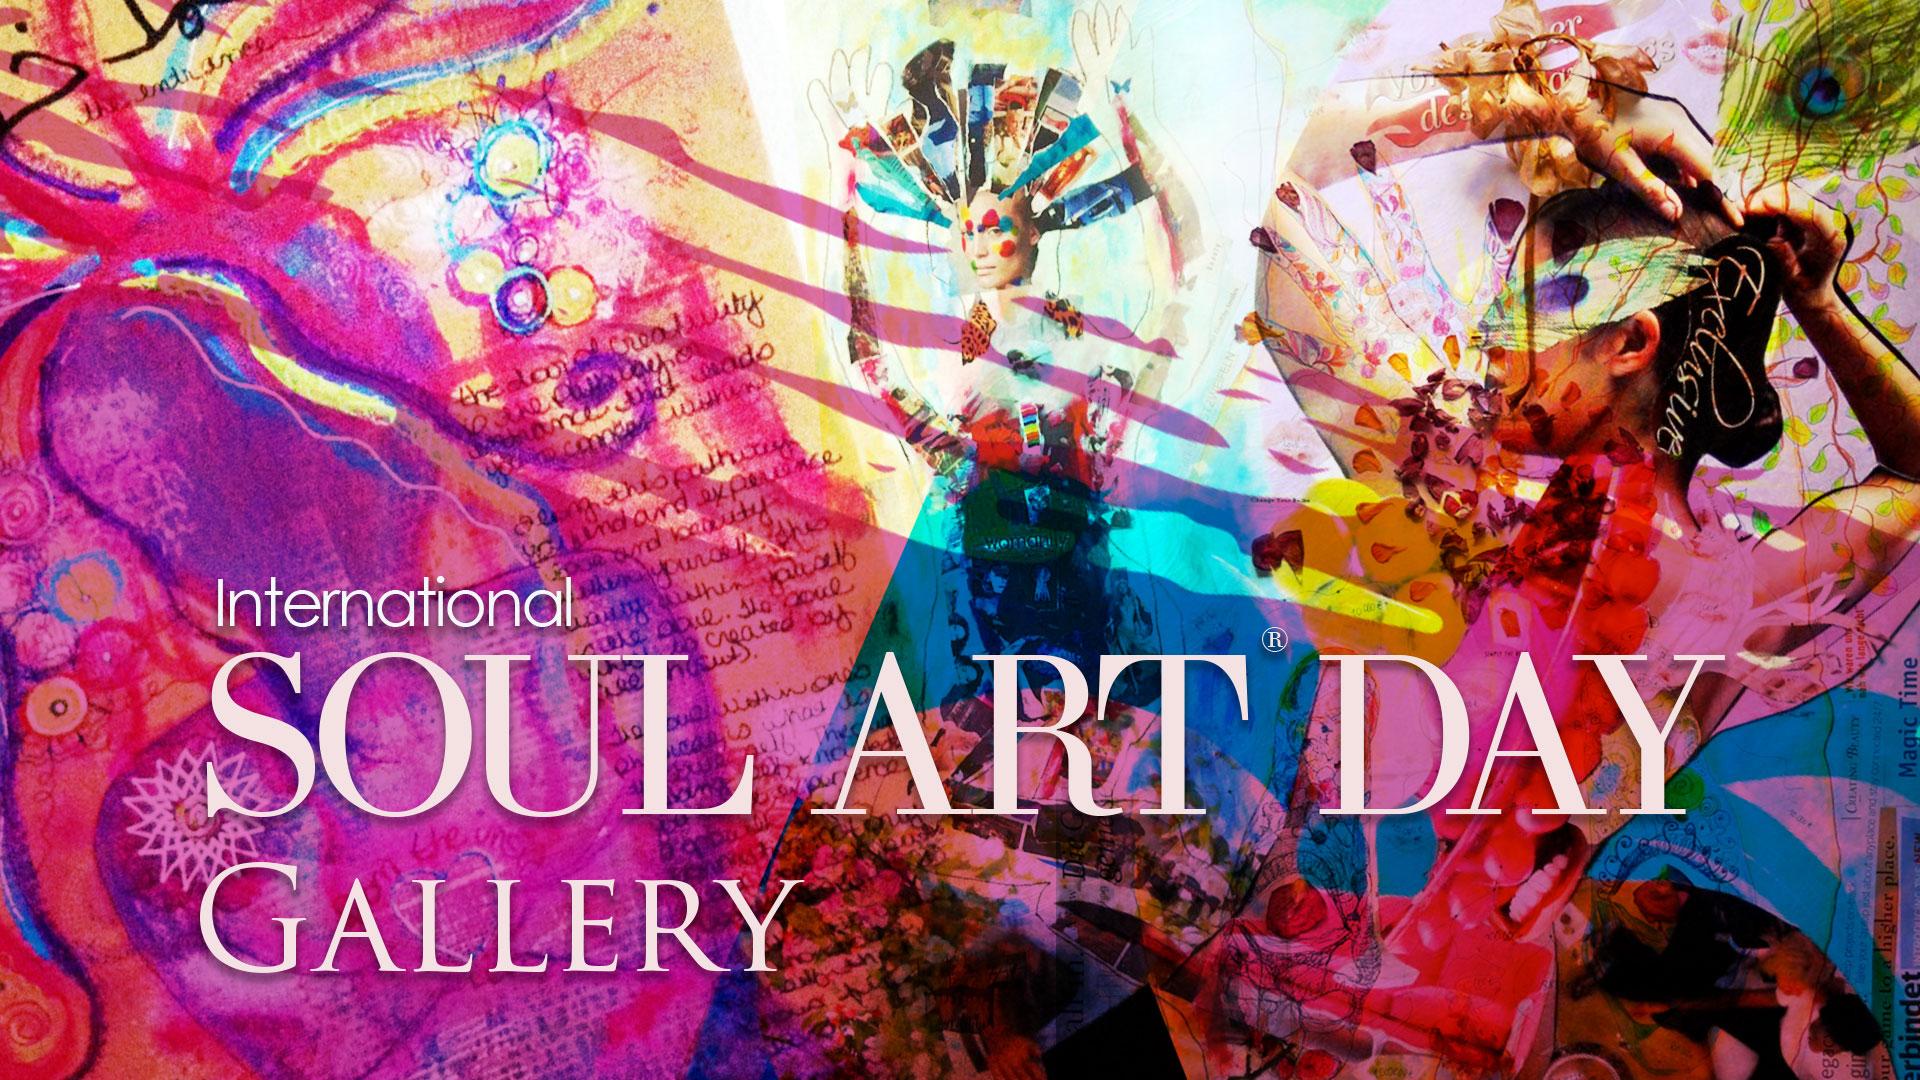 Yoni Art Gallery